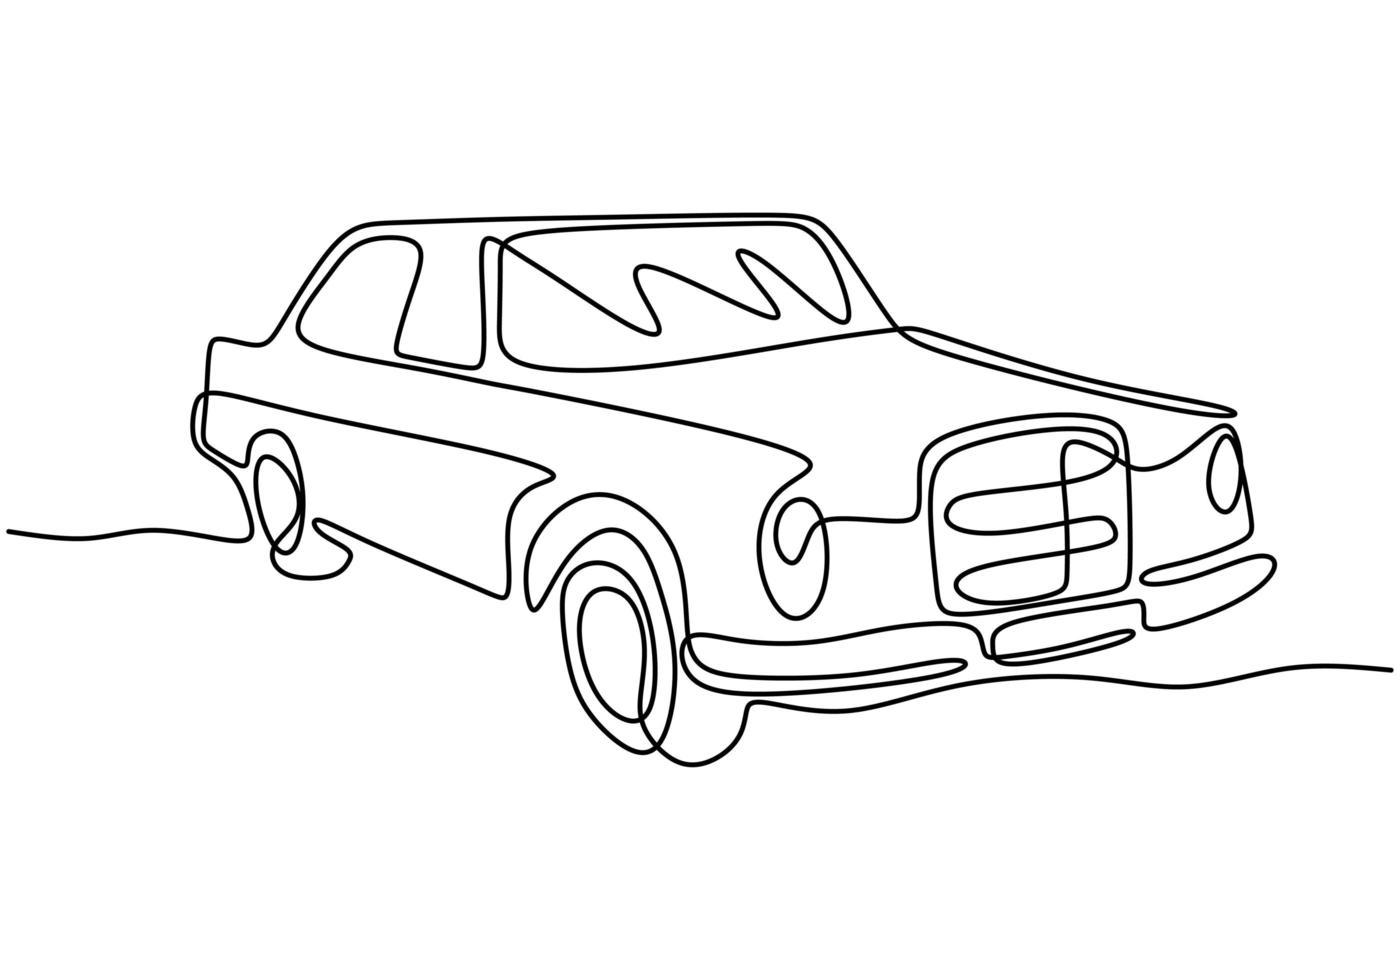 un dessin au trait d'une vieille voiture auto vintage rétro. concept de véhicule de transport classique. voiture de course vintage conduite sur route poussiéreuse. illustration de conception de dessin de ligne continue vecteur